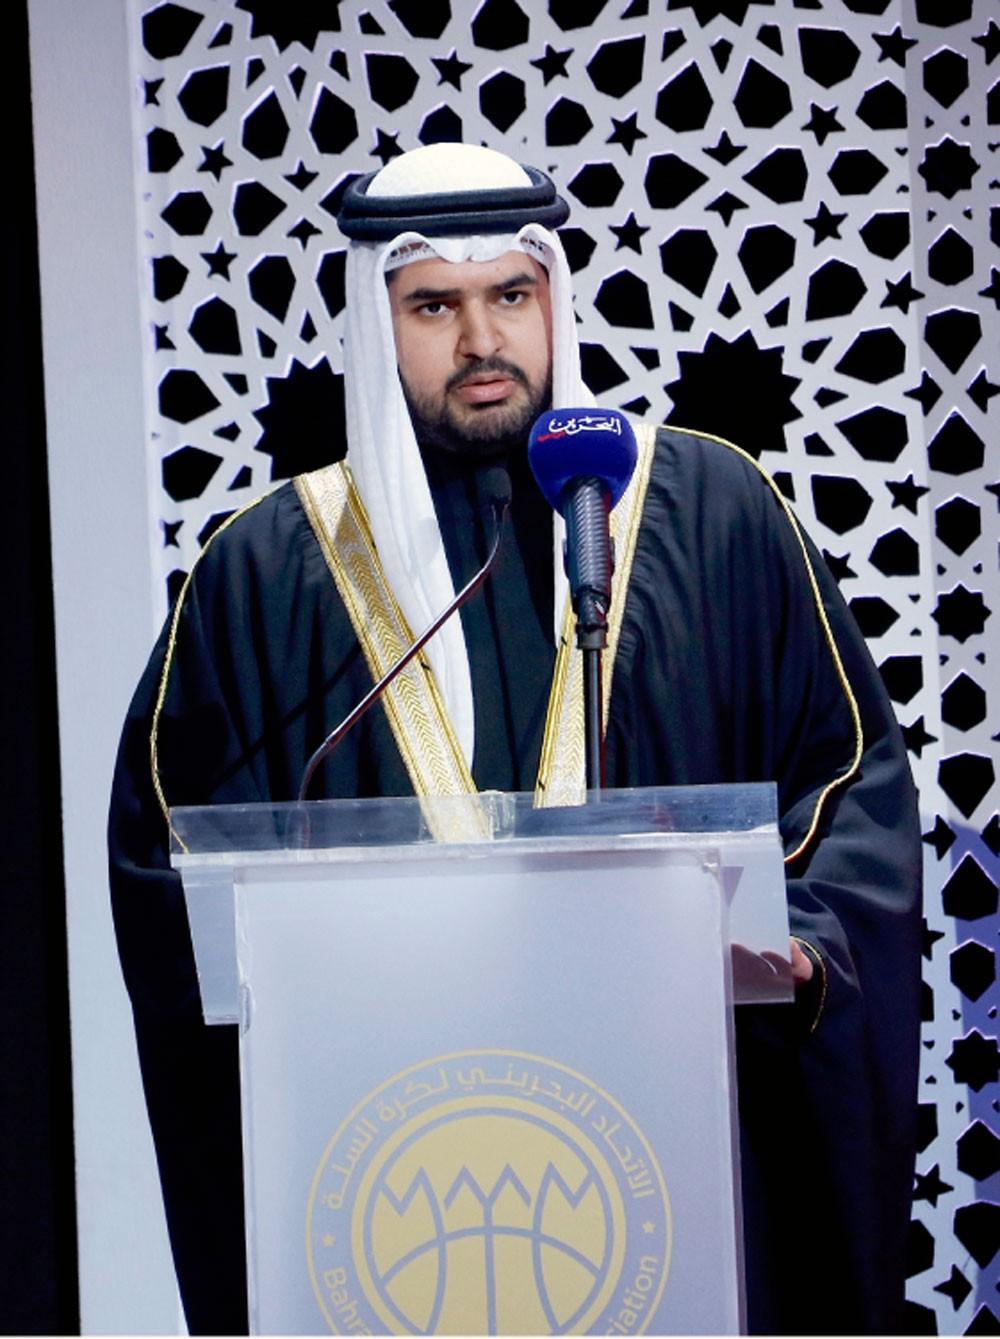 سمو الشيخ عيسى بن علي: رعاية سيدي الوالد مصدر فخر واعتزاز